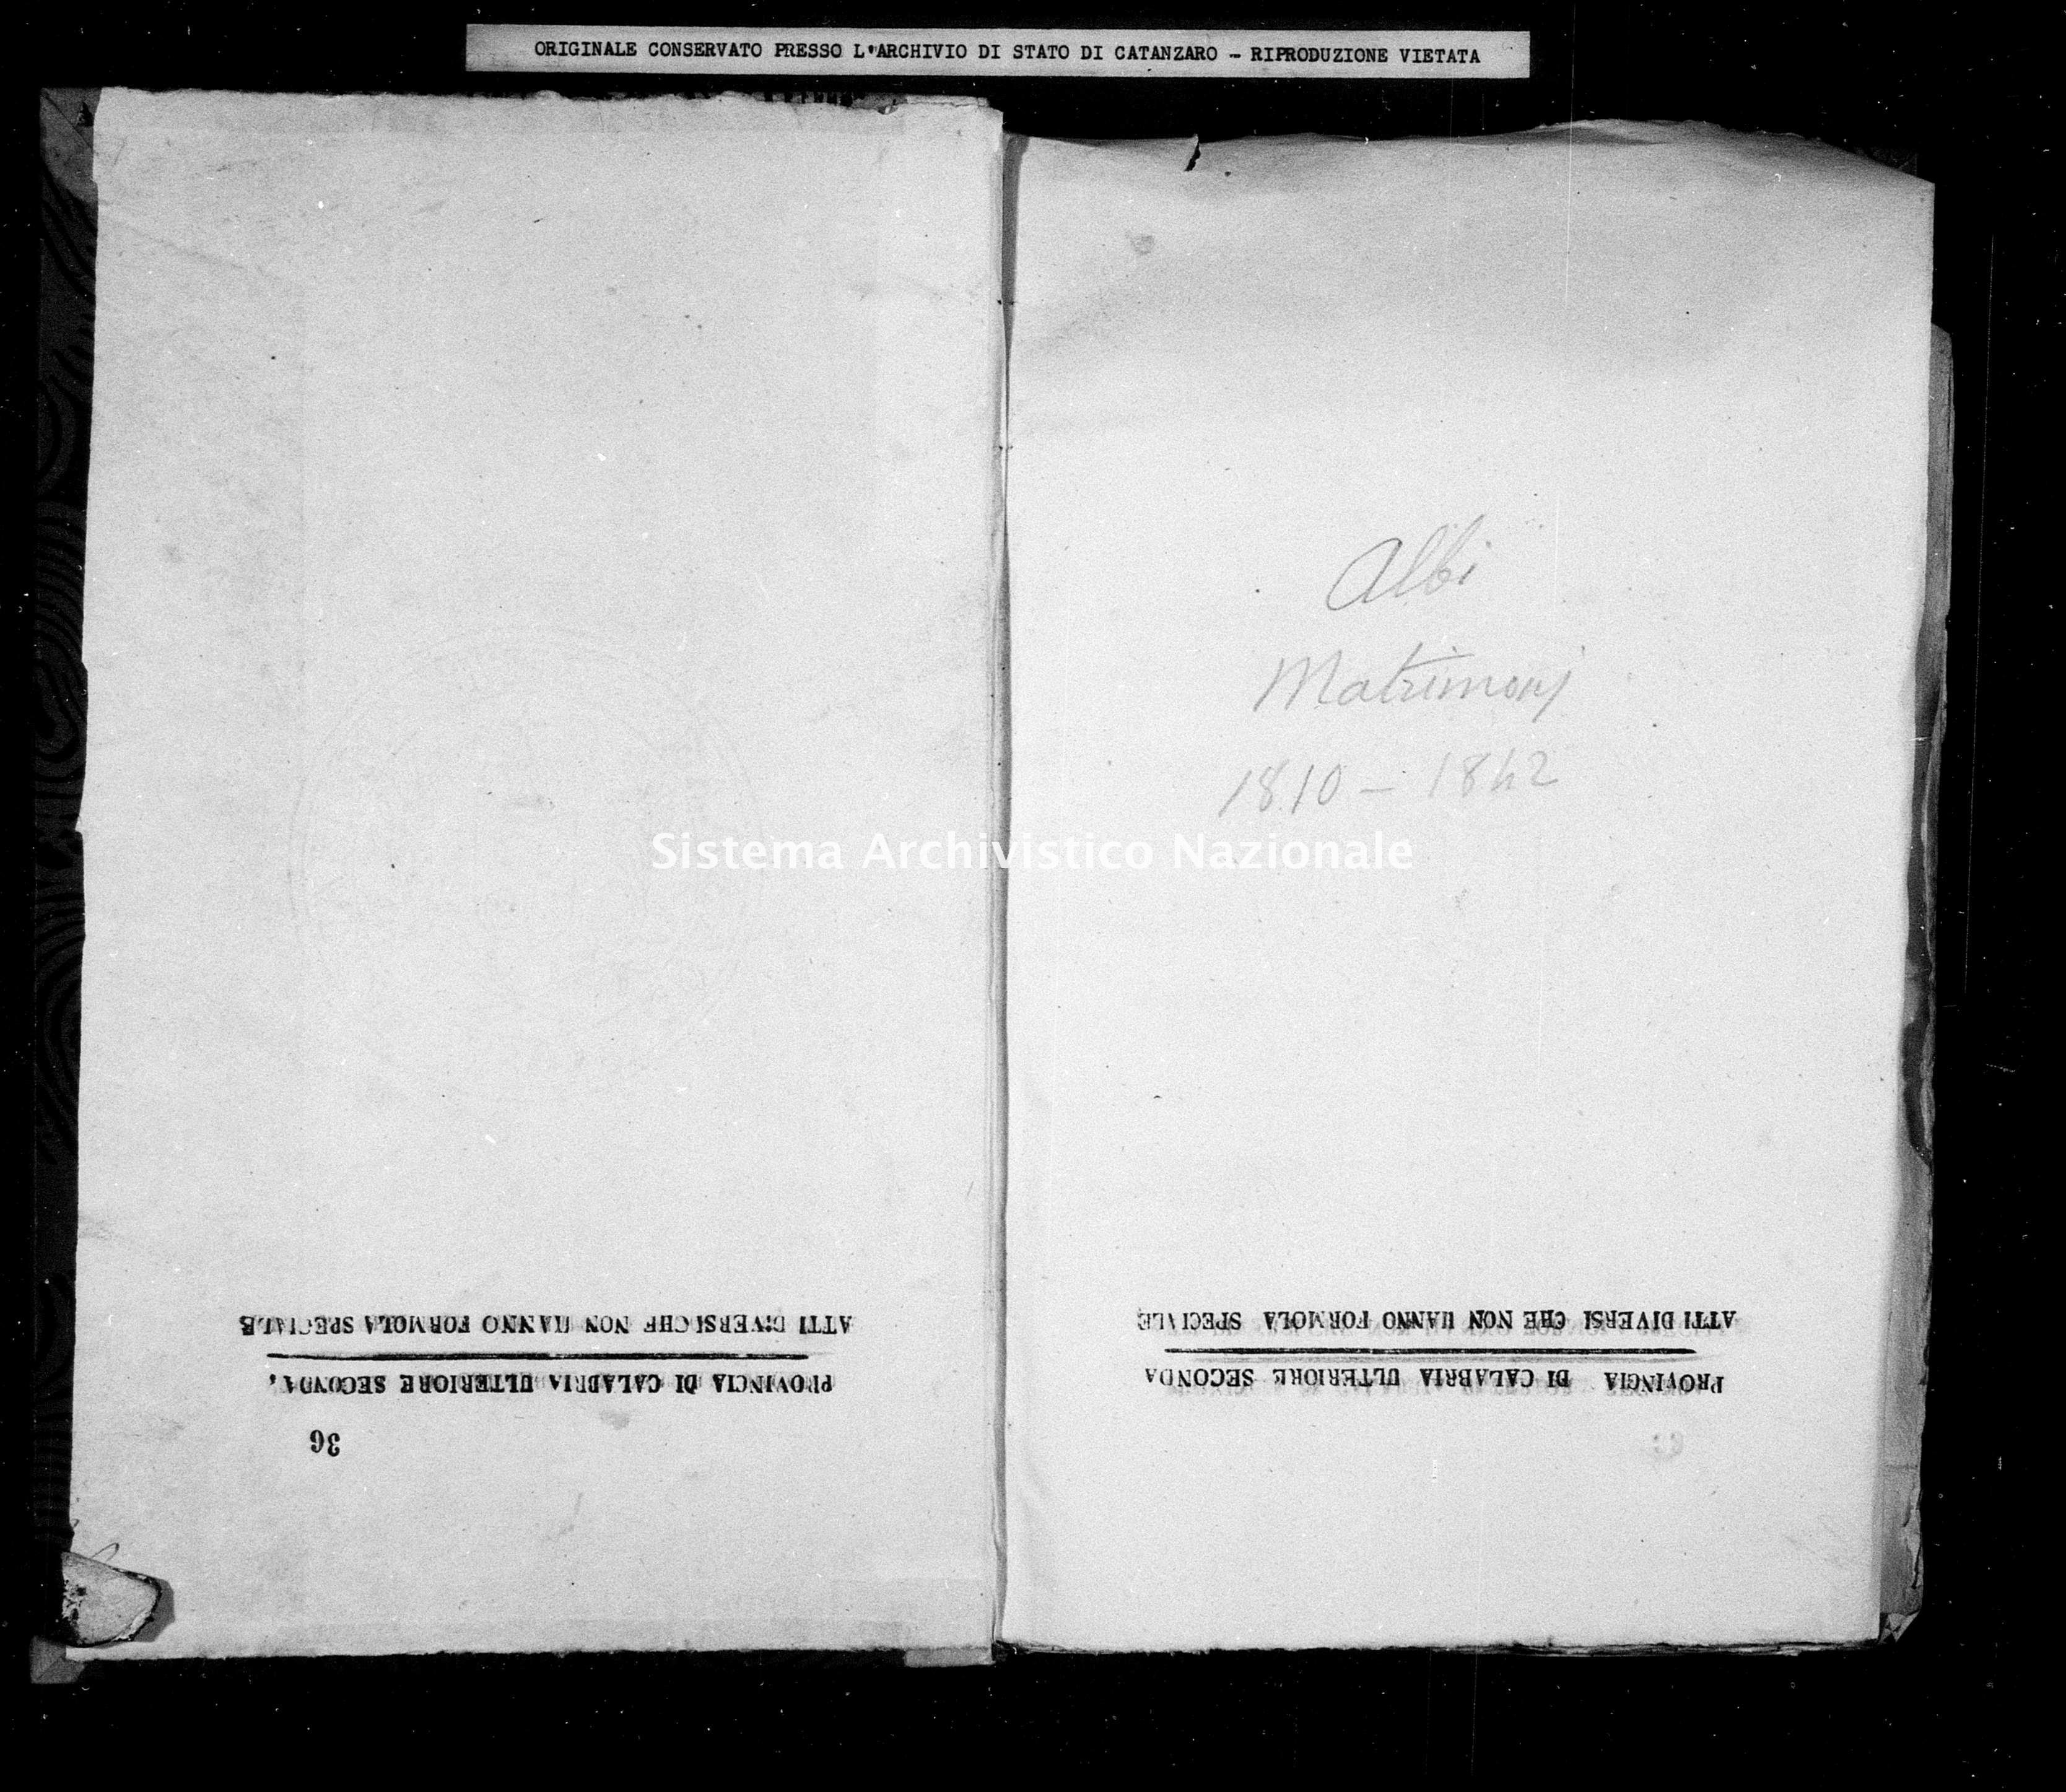 Archivio di stato di Catanzaro - Stato civile napoleonico - Albi - Matrimoni - 1810 -